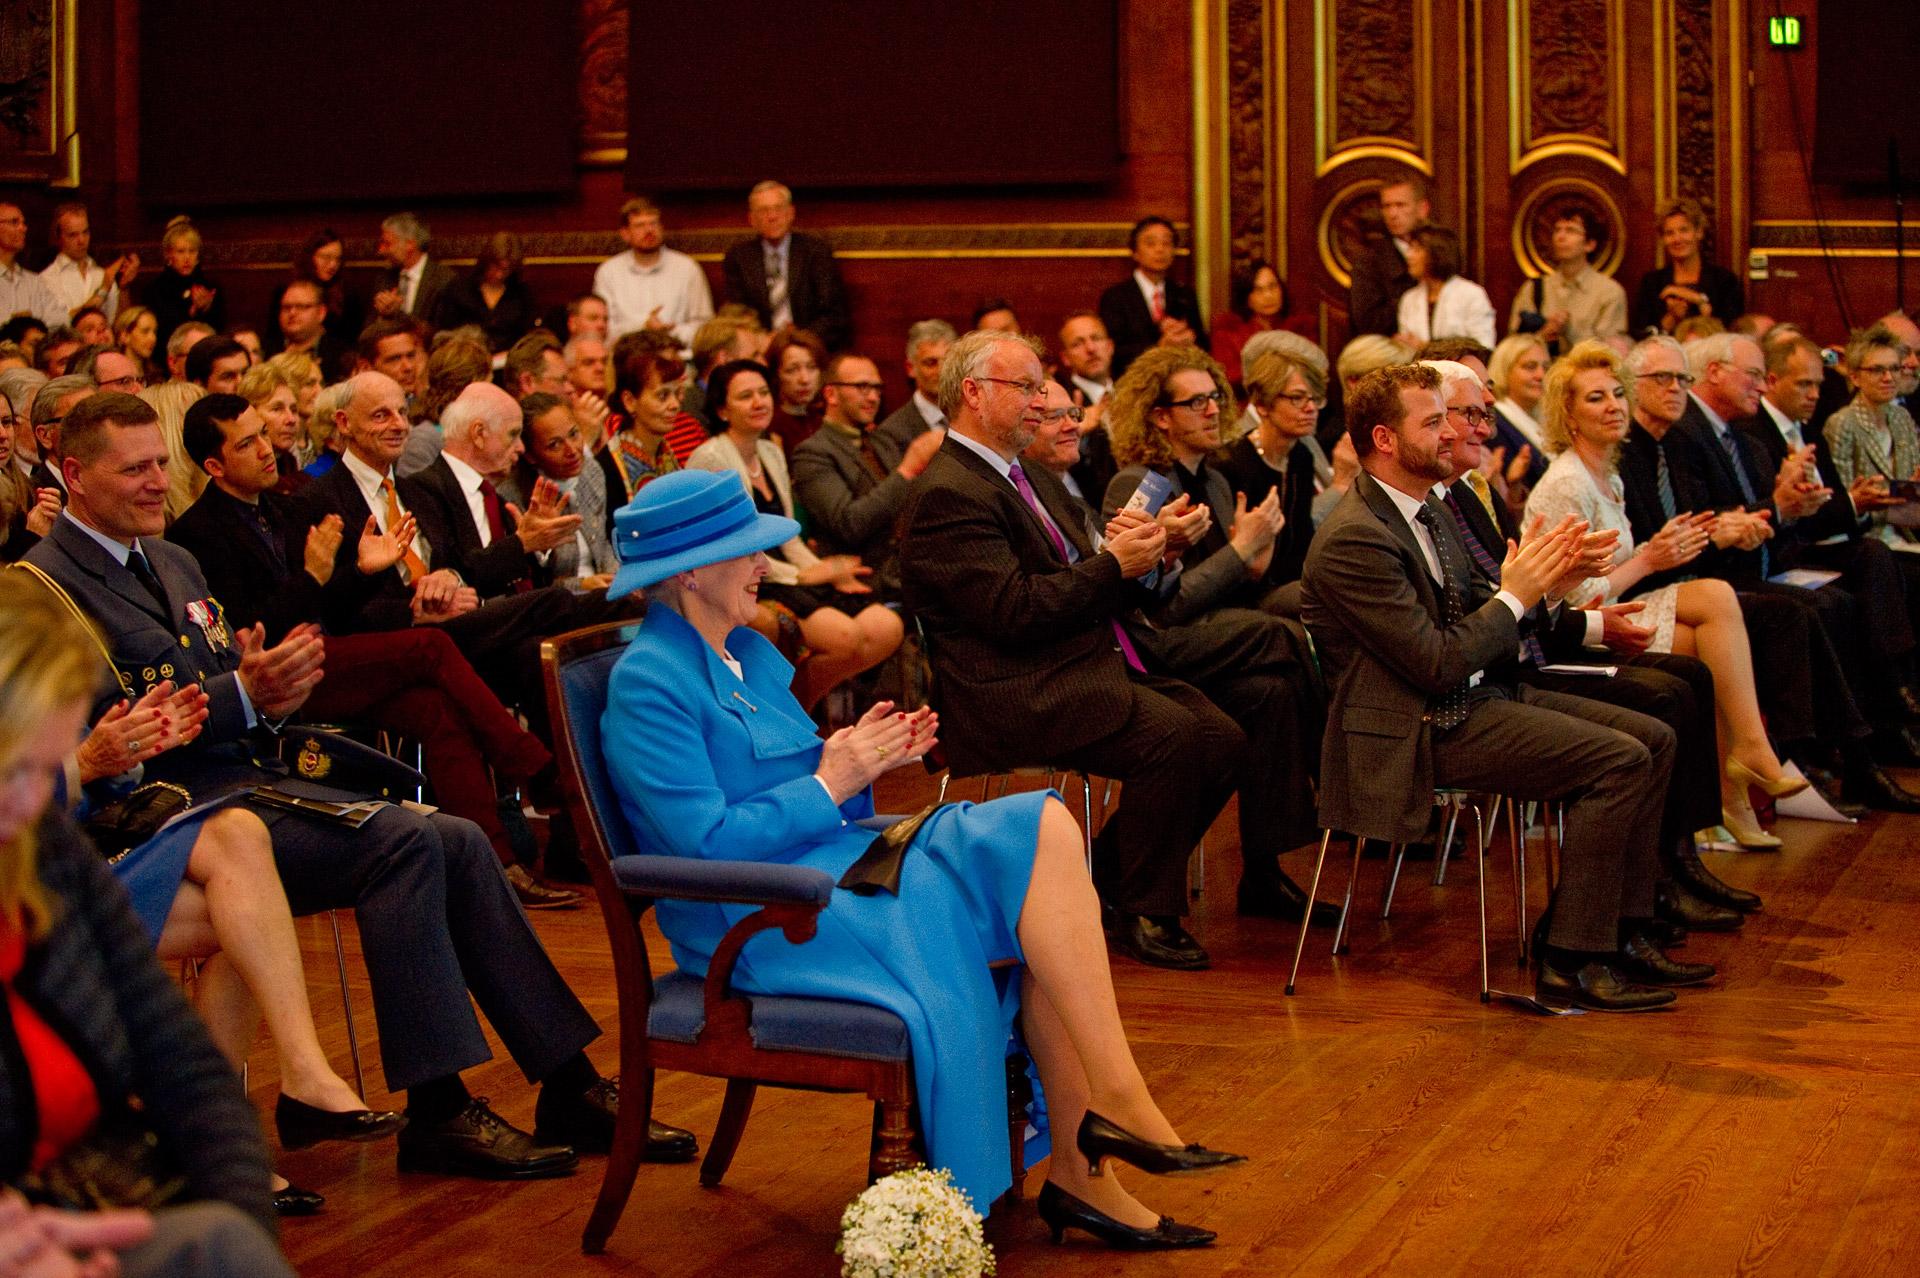 Her majesty Queen Margrethe ll at a Kierkegaard Symposium in Copenhagen University